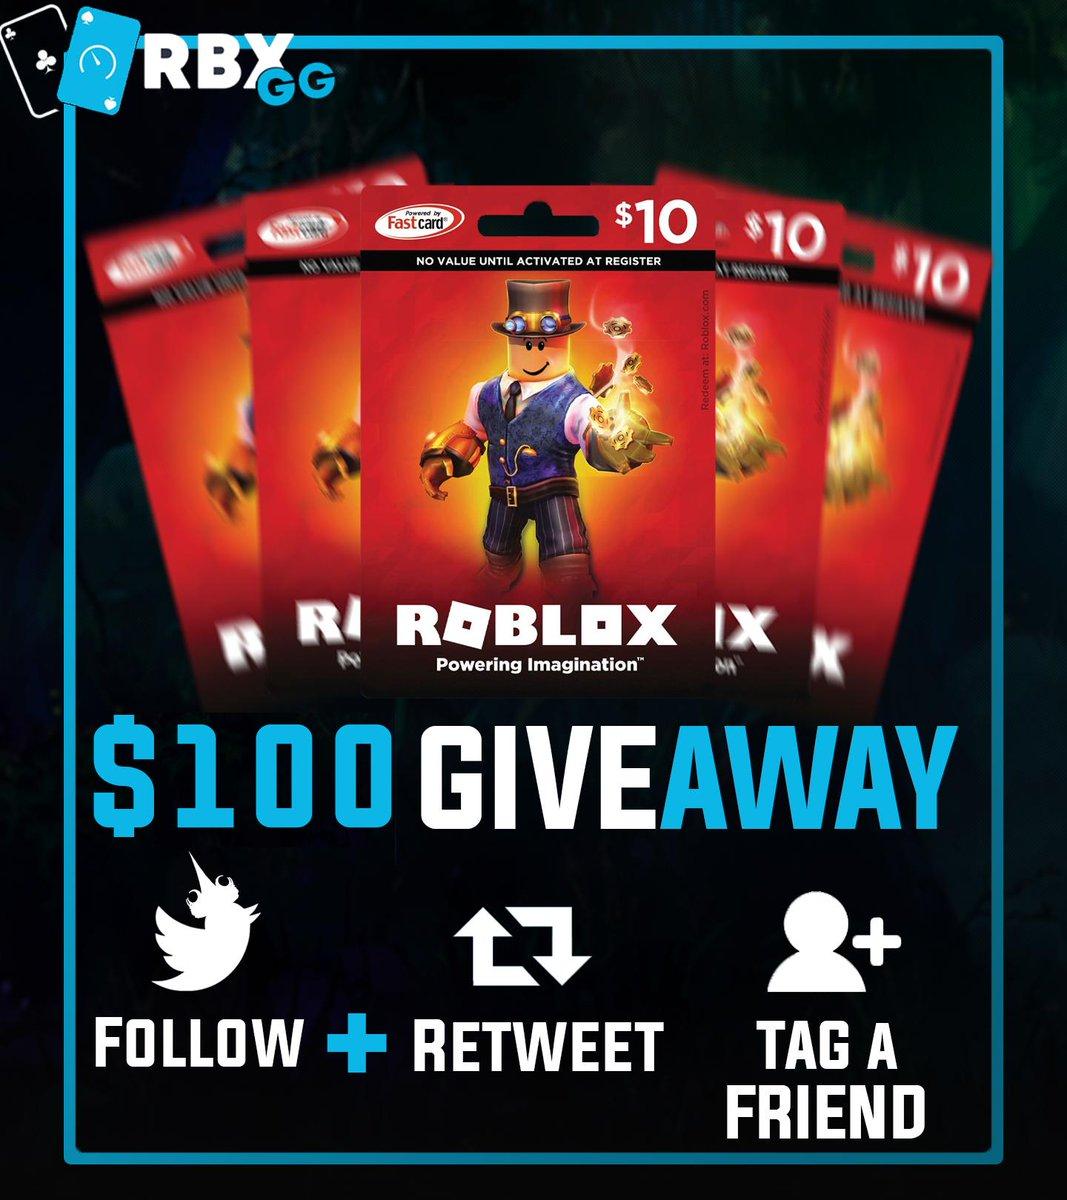 RBX GG on Twitter: